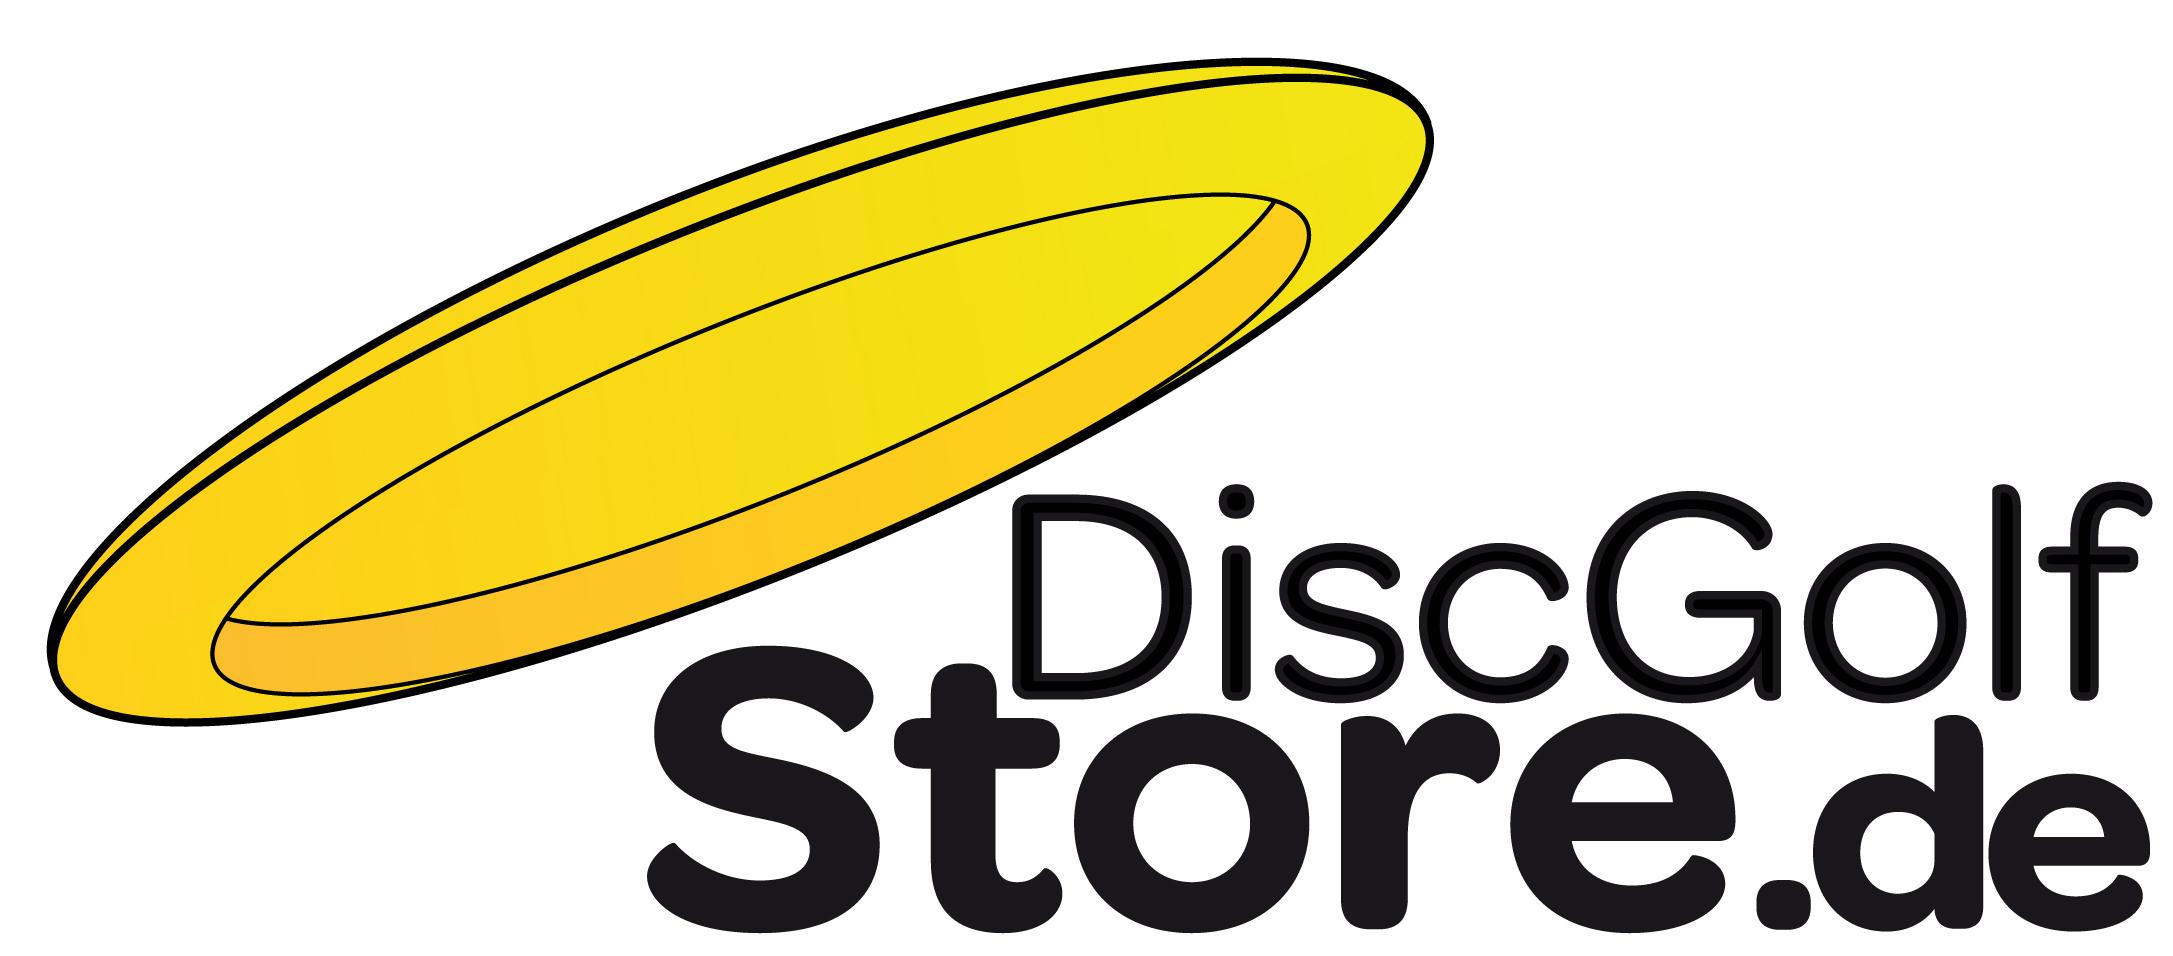 DiscGolfStore